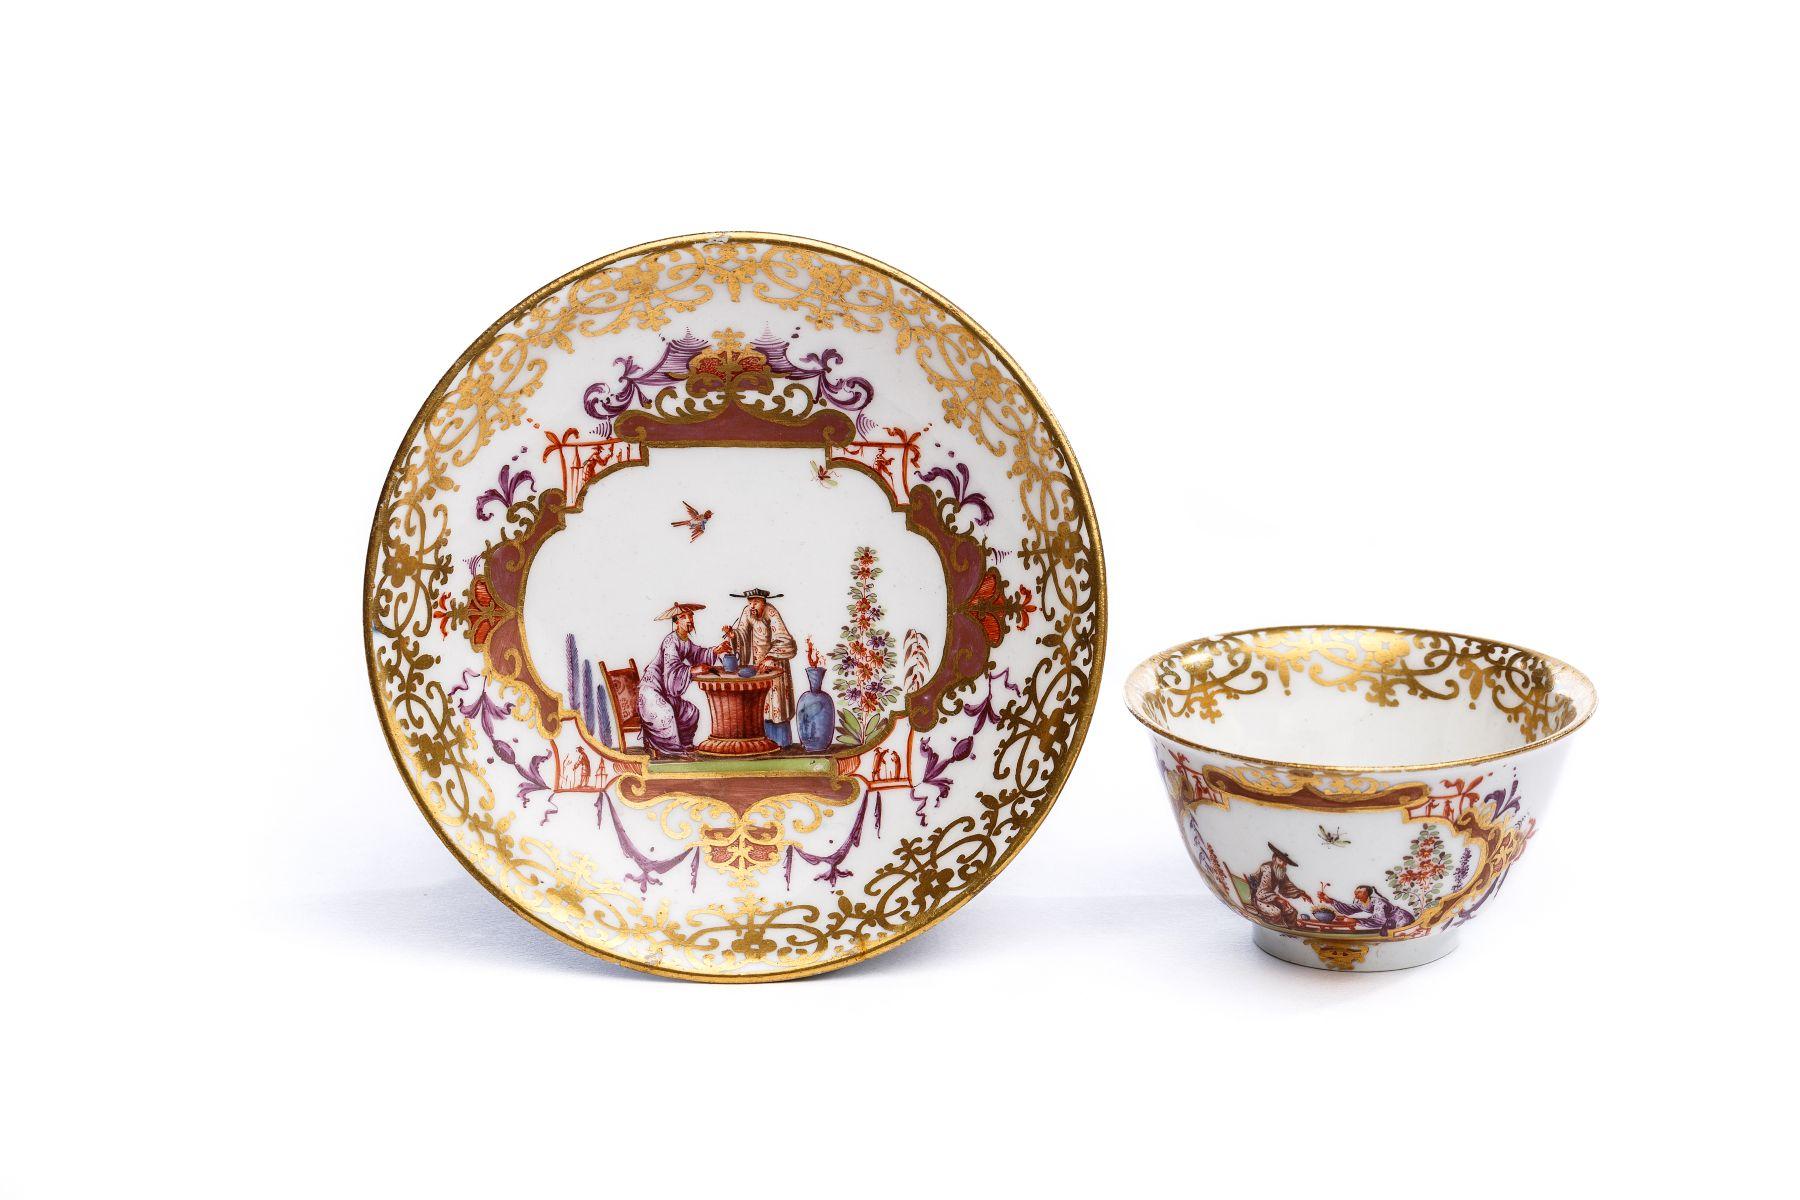 #20 Bowl with saucer, Meissen 1725   Koppchen mit Unterschale, Meissen 1725 Image